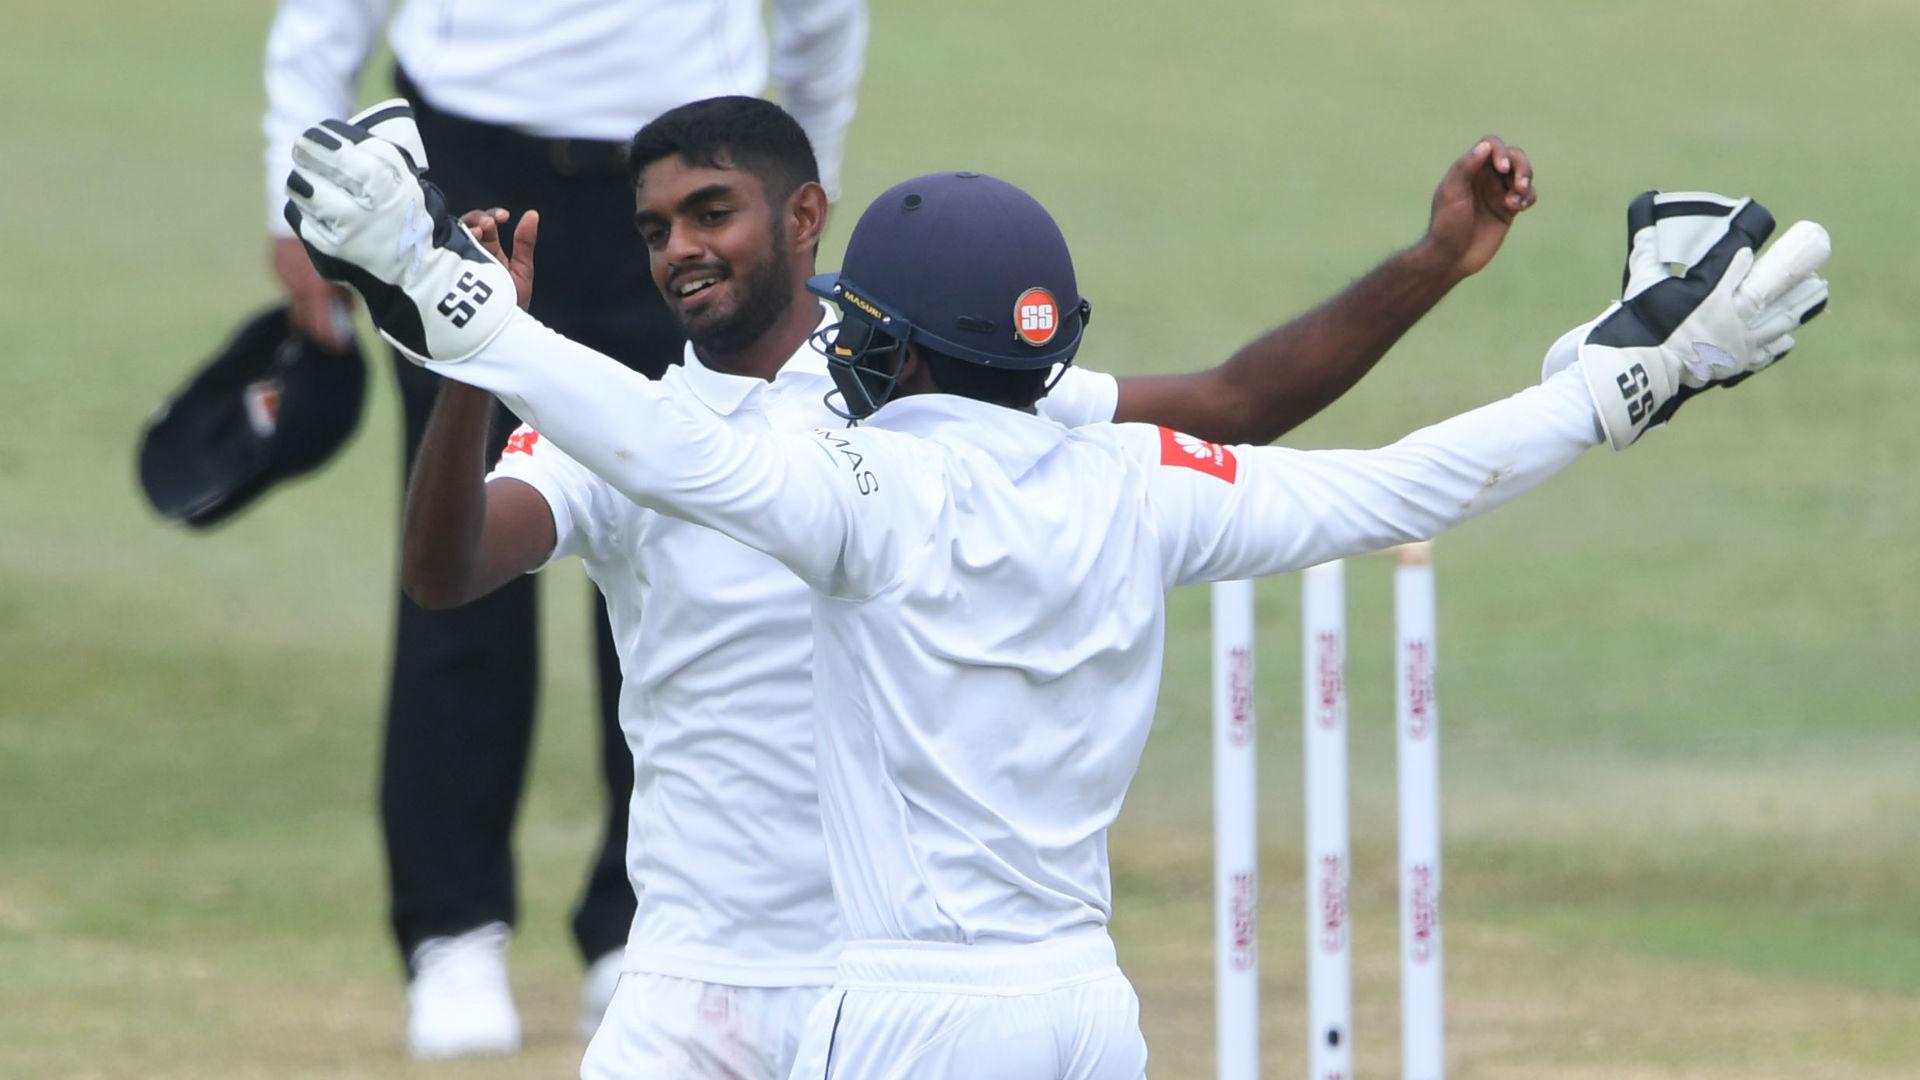 SA collapse gives Sri Lanka hope